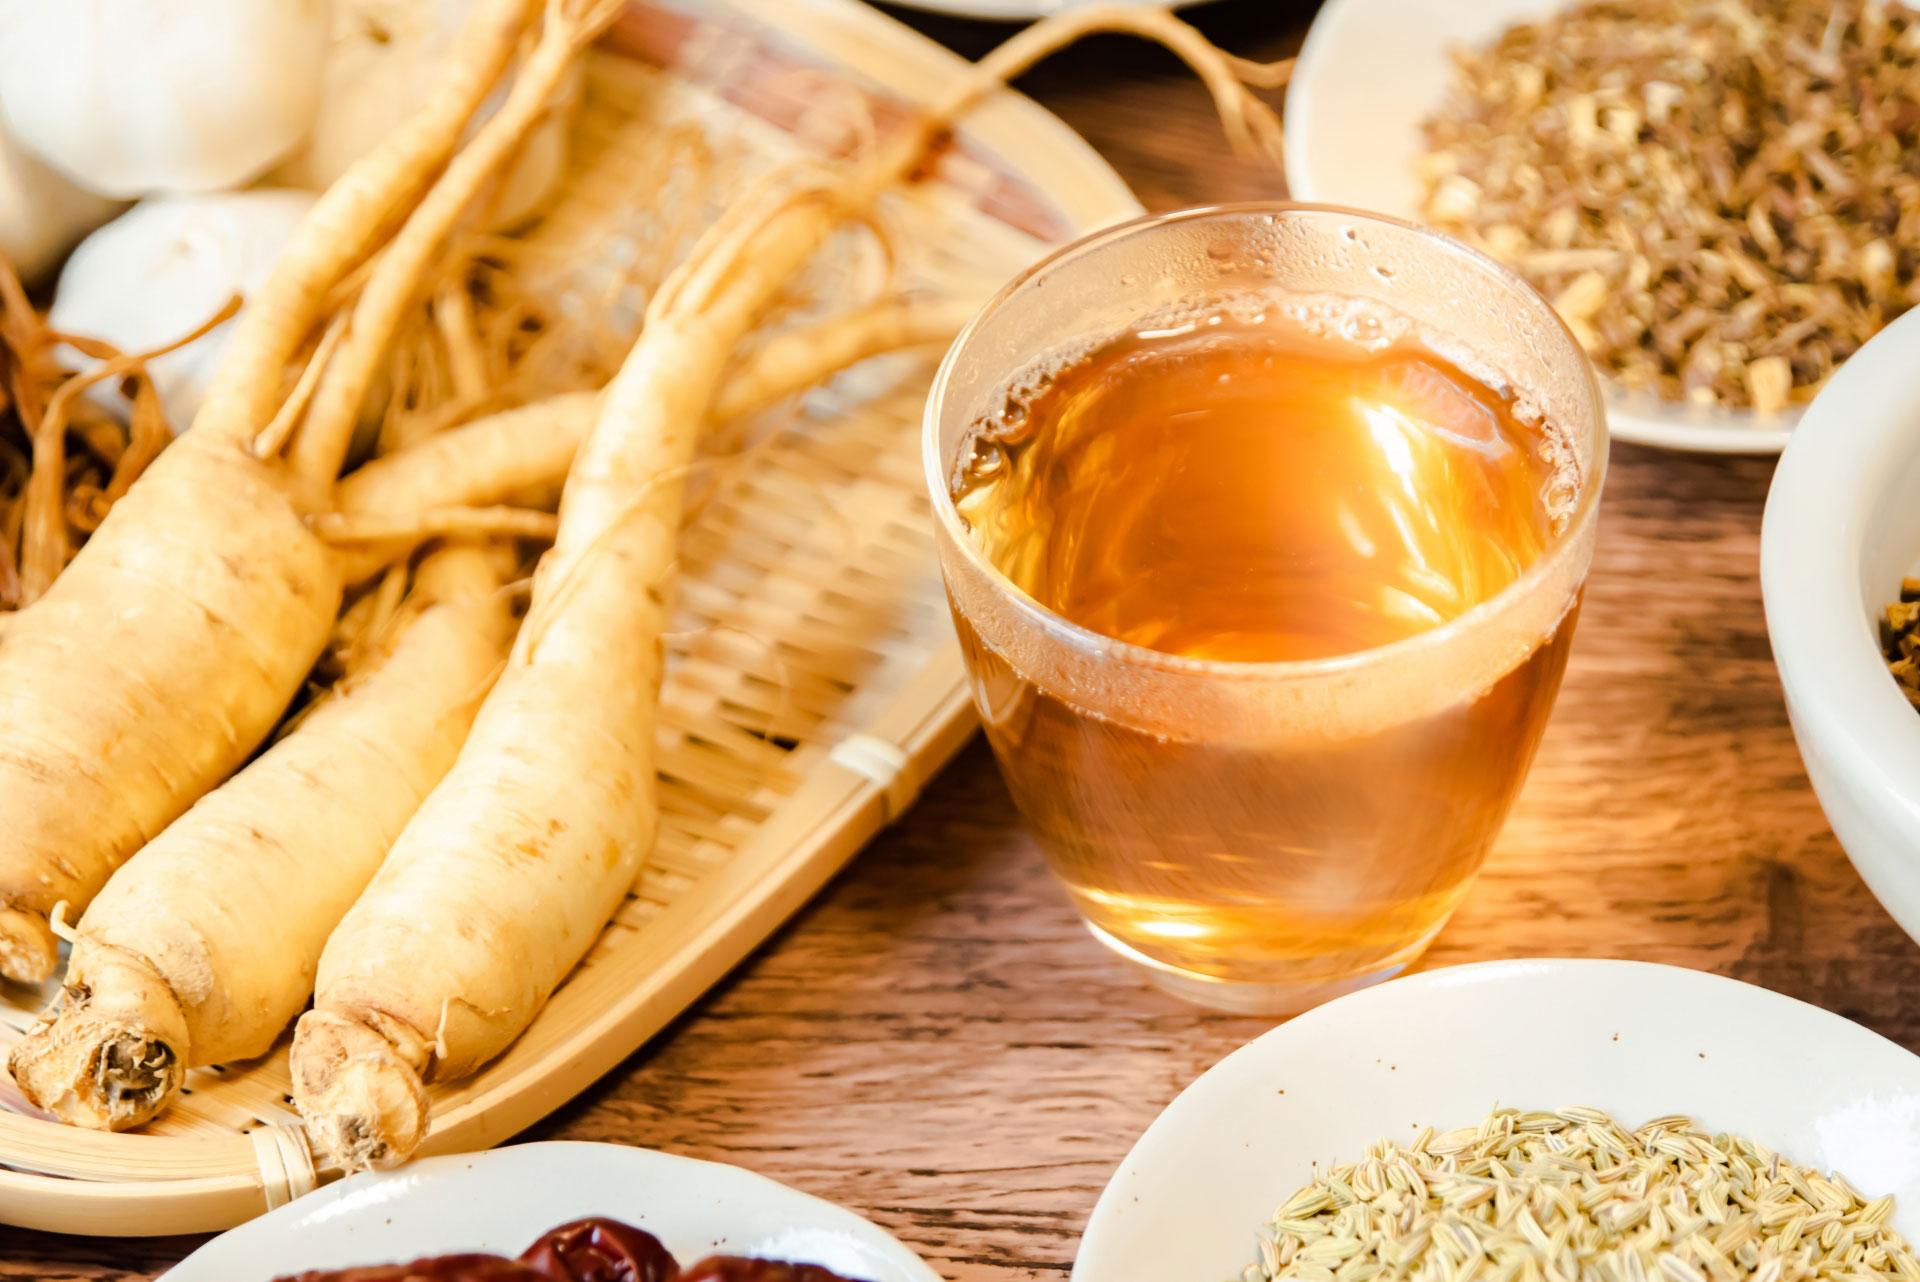 苦しい便秘から卒業したい!便秘を解消する9種類のお茶の秘密を徹底解説。ウコン茶